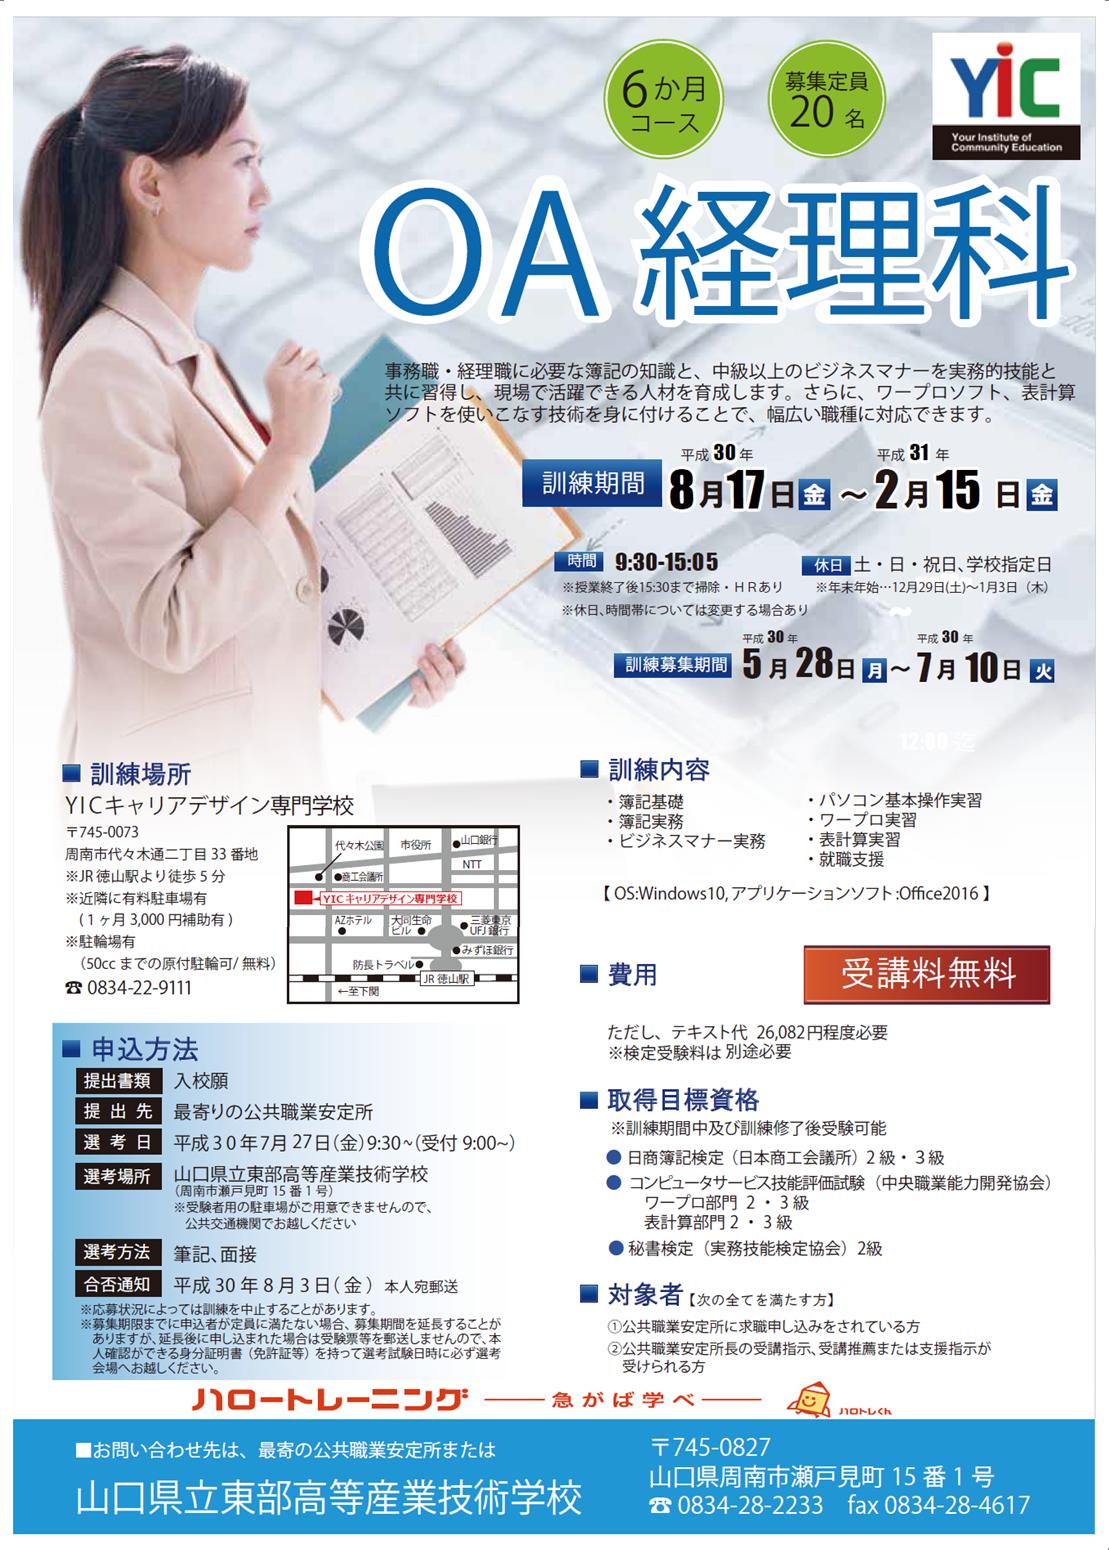 徳山総合ビジネス専門学校様におけるCS試験活用 …